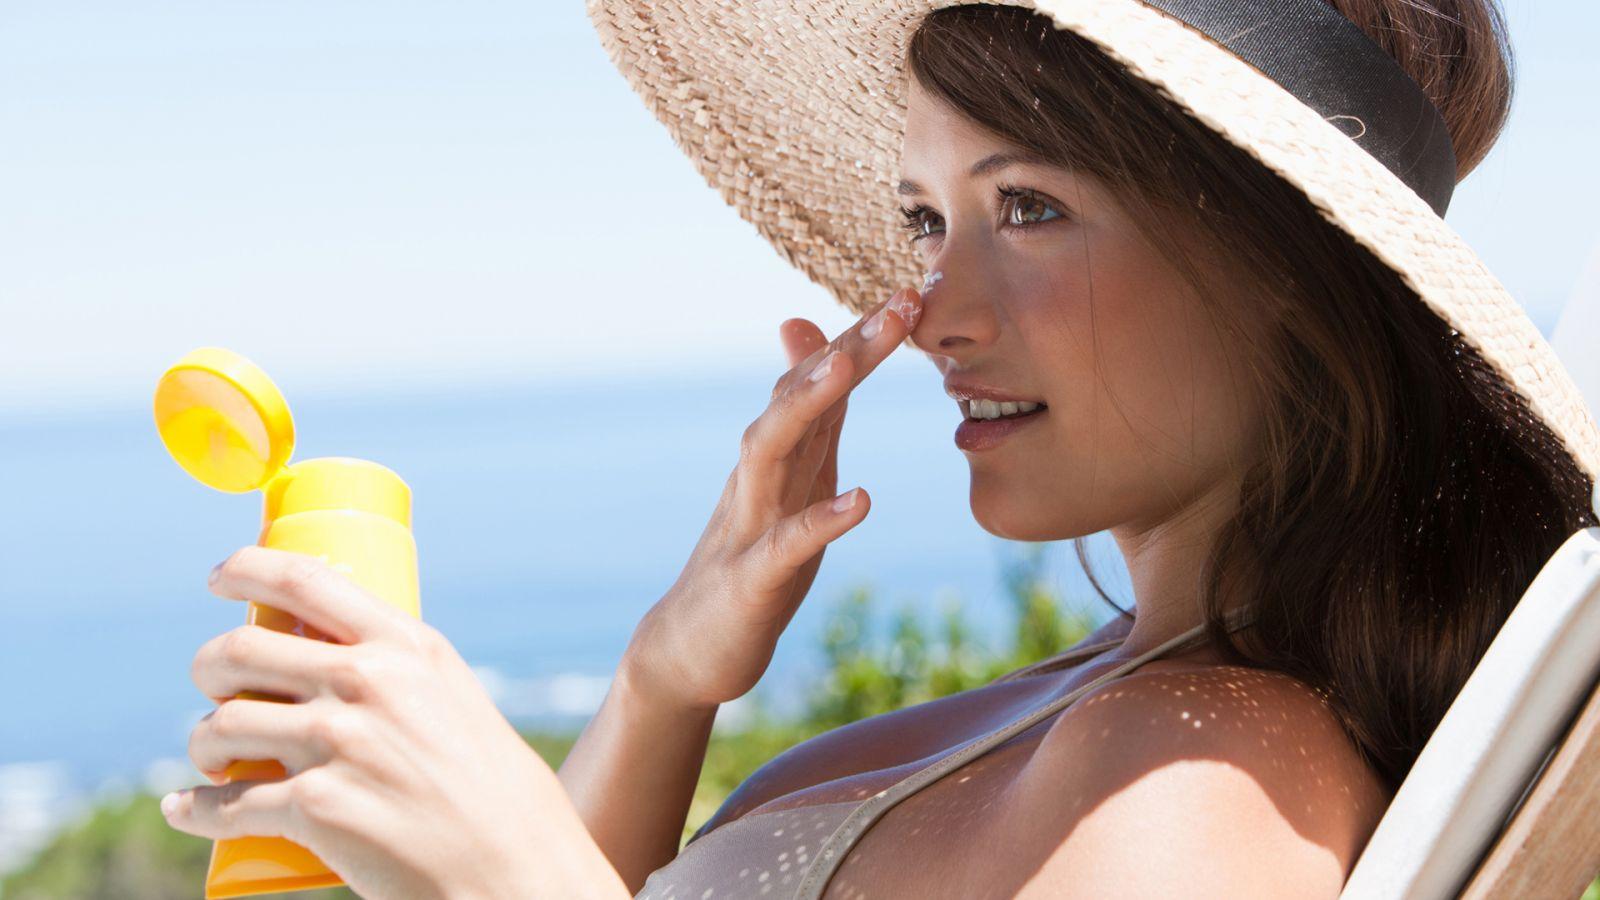 3 cách chăm sóc da mặt ít tốn thời gian nhất dành cho phụ nữ bận rộn - Ảnh 2